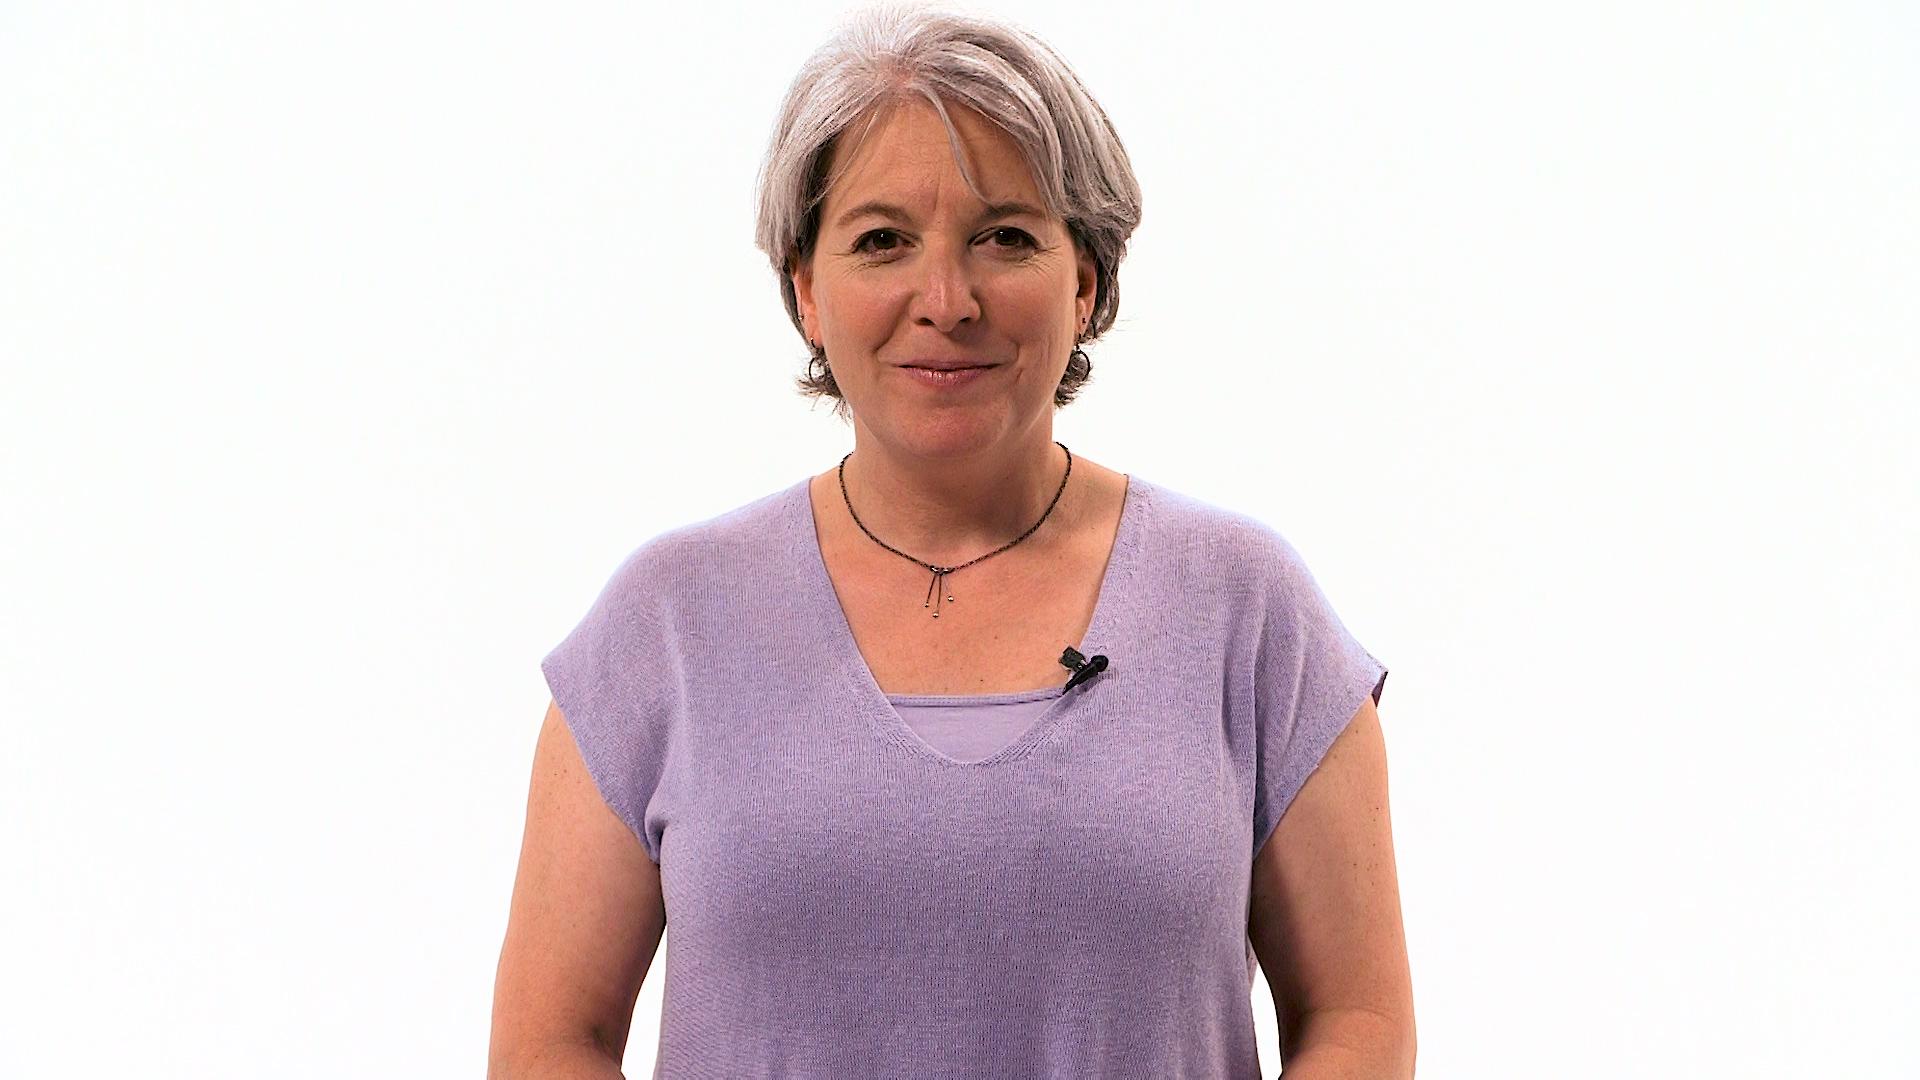 Heather Kuhaneck